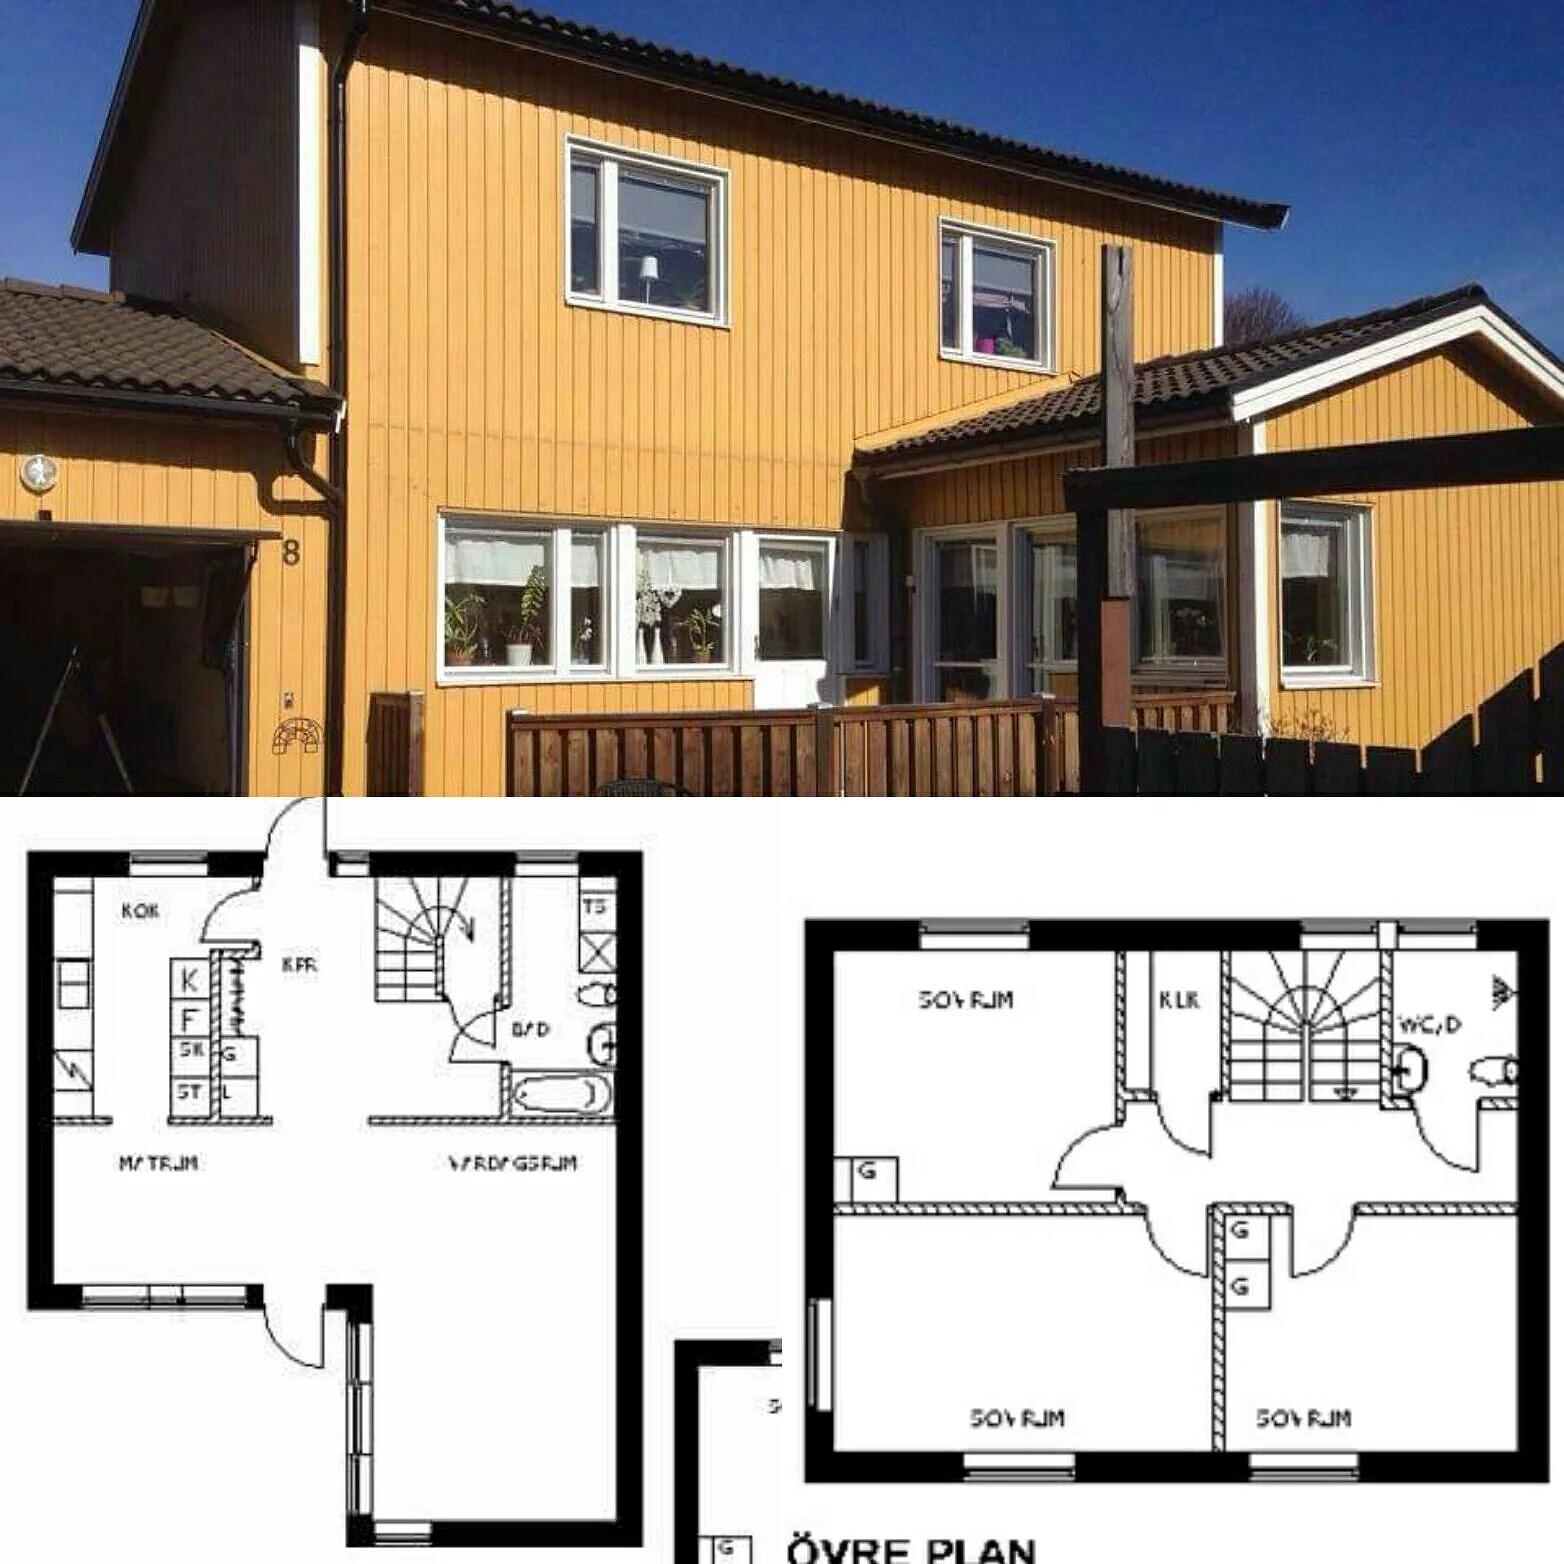 Drömmen om ett hus